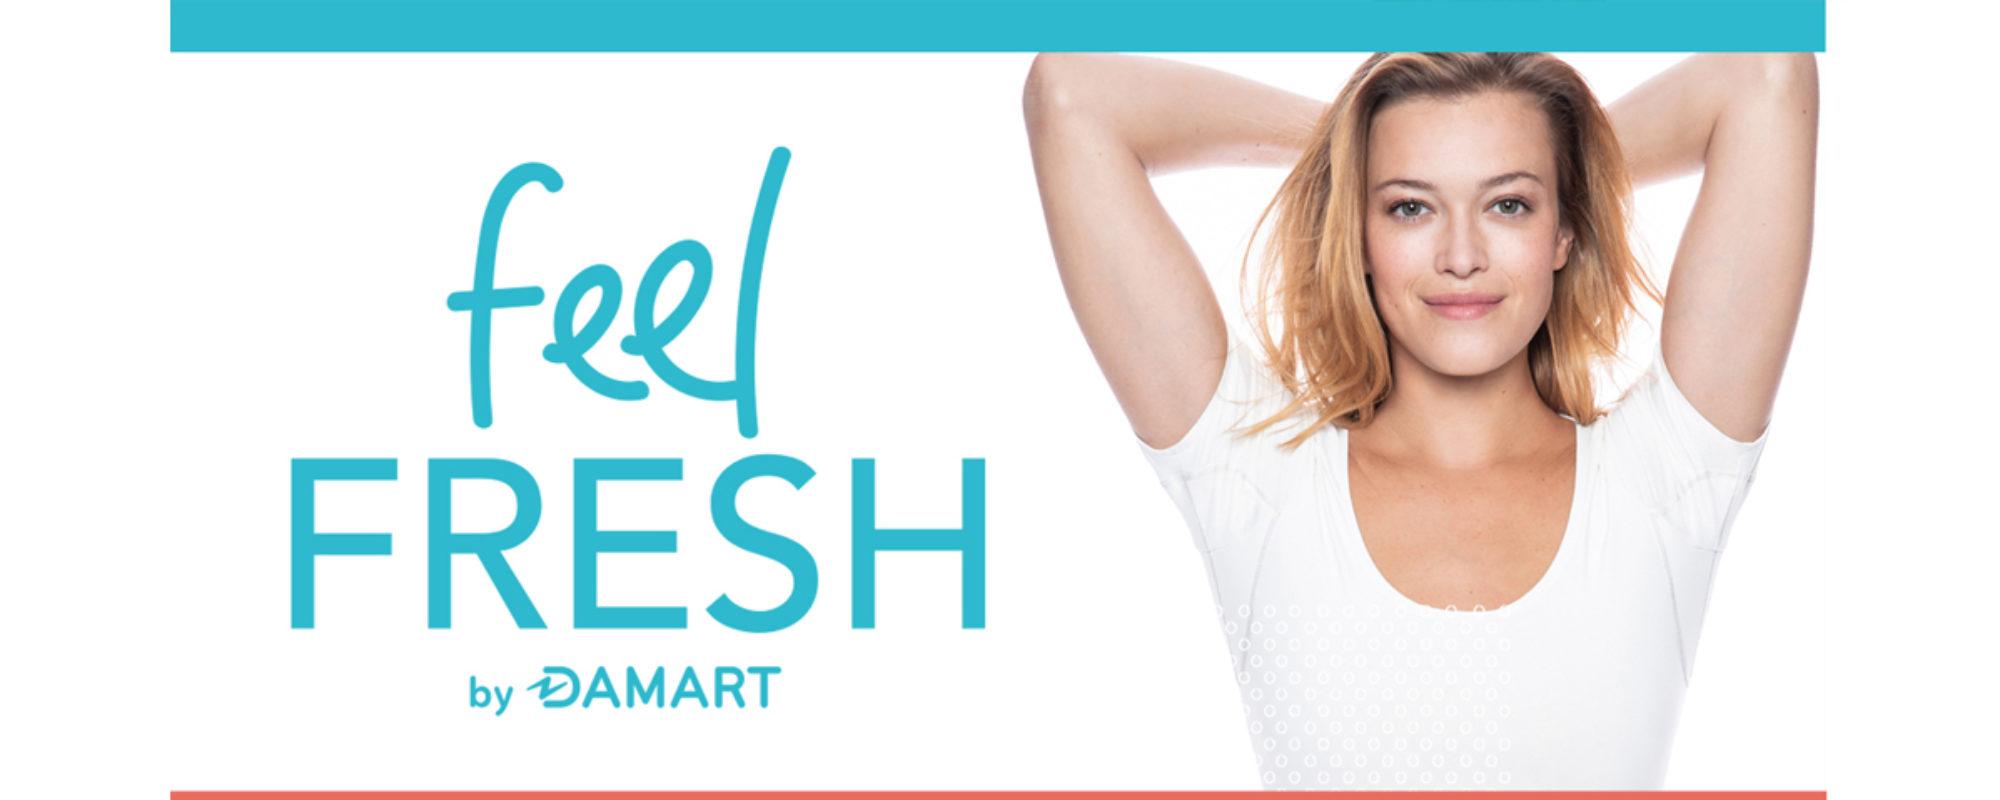 Feel Fresh